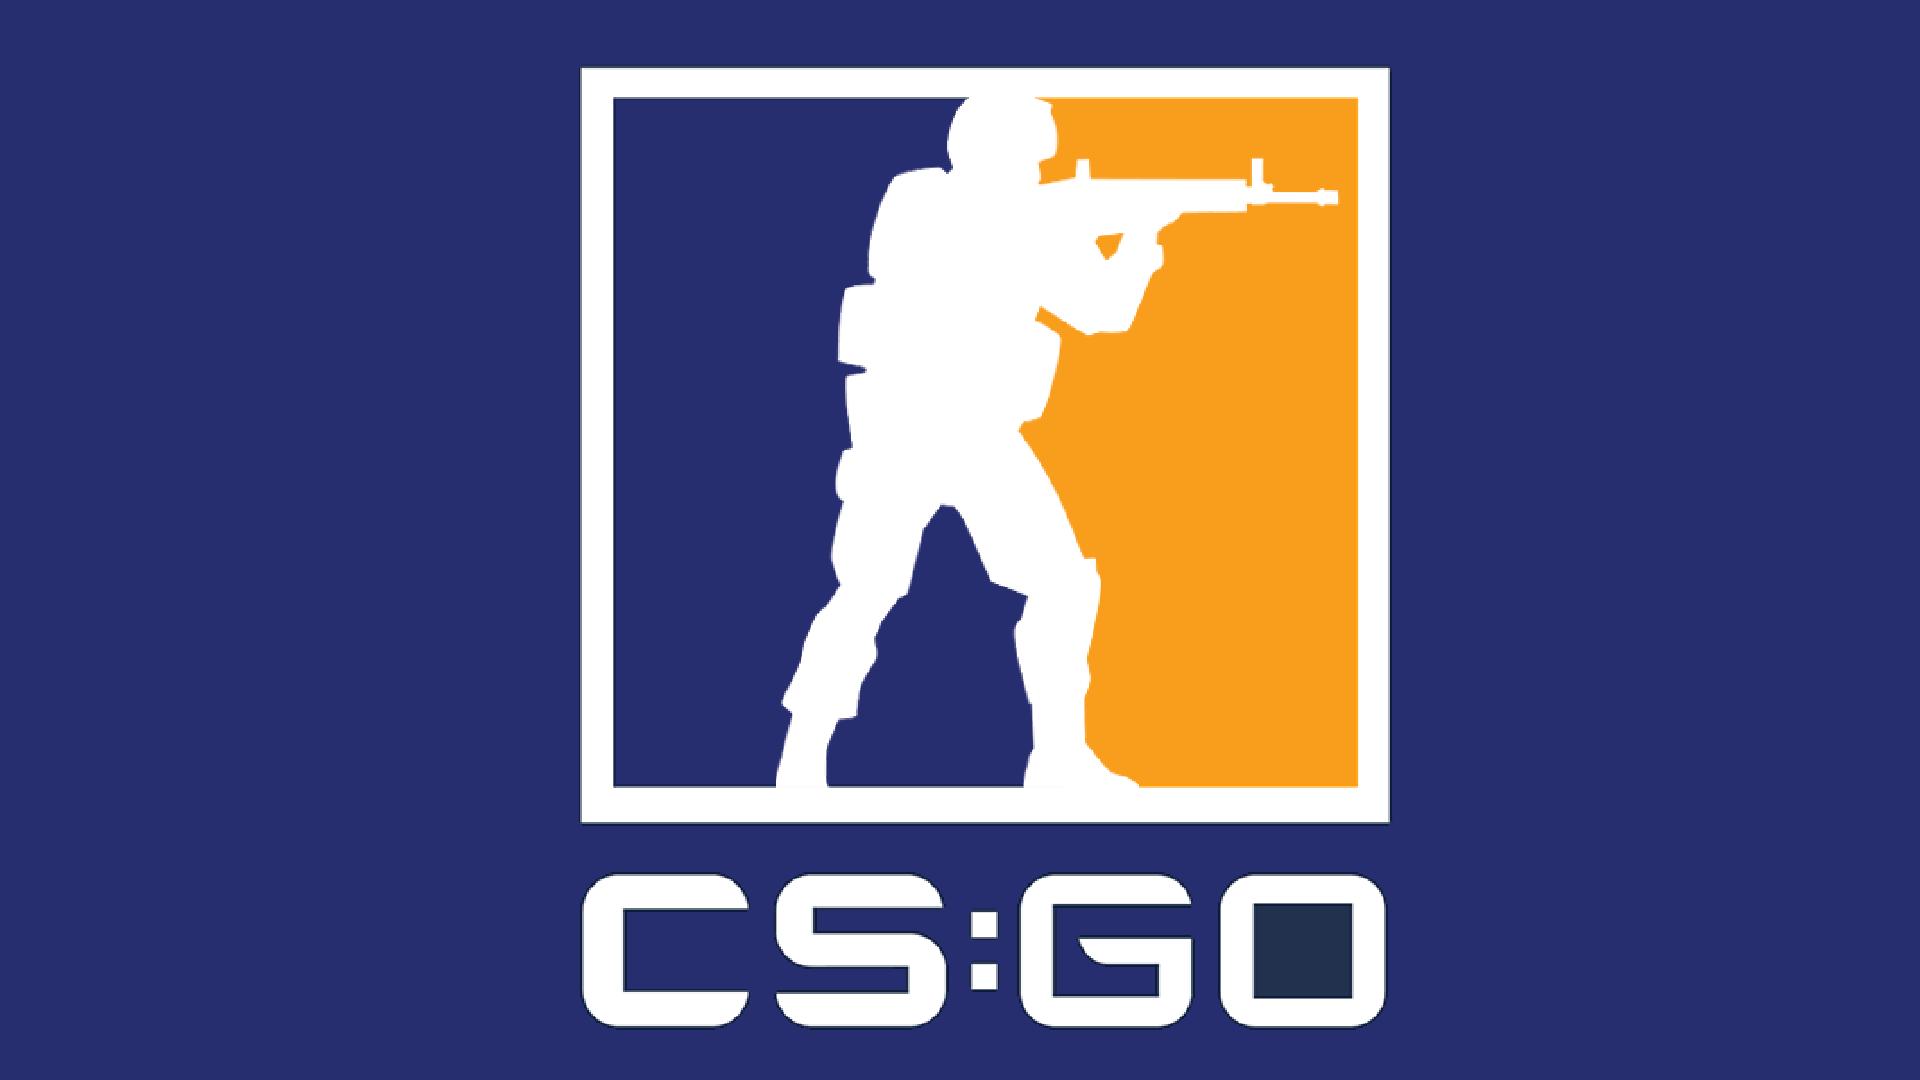 ESL 對 CS:GO 電競隊伍 SadStory 在 IEM 2019 資格賽被取消一事釋出正式說明